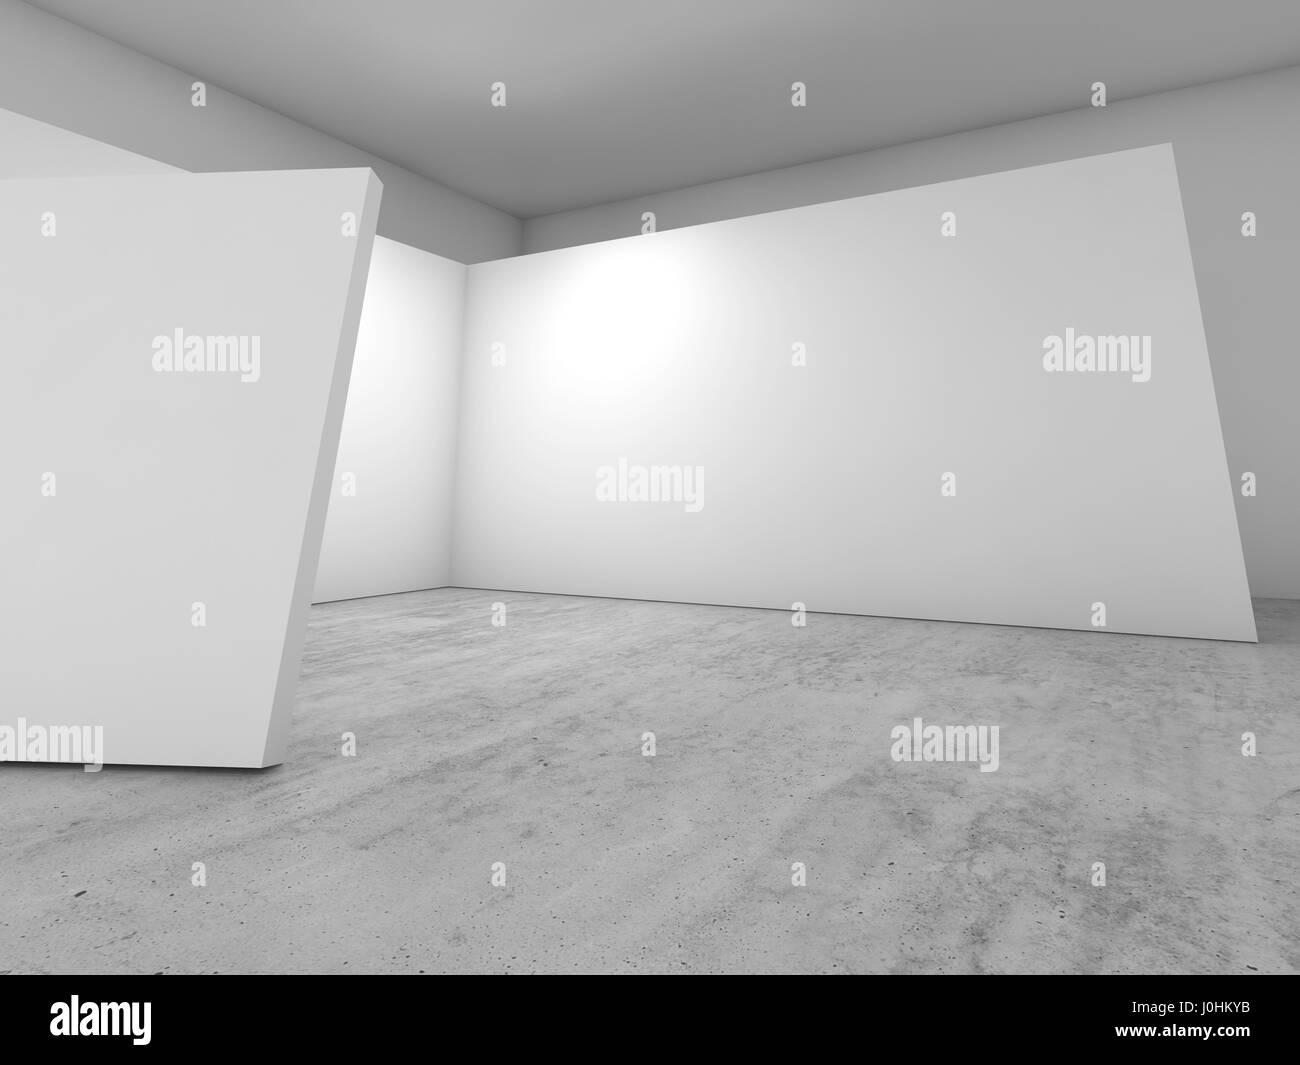 Abstrakte leeren Innenraum, weiße Wände Dekoration auf Betonboden ...